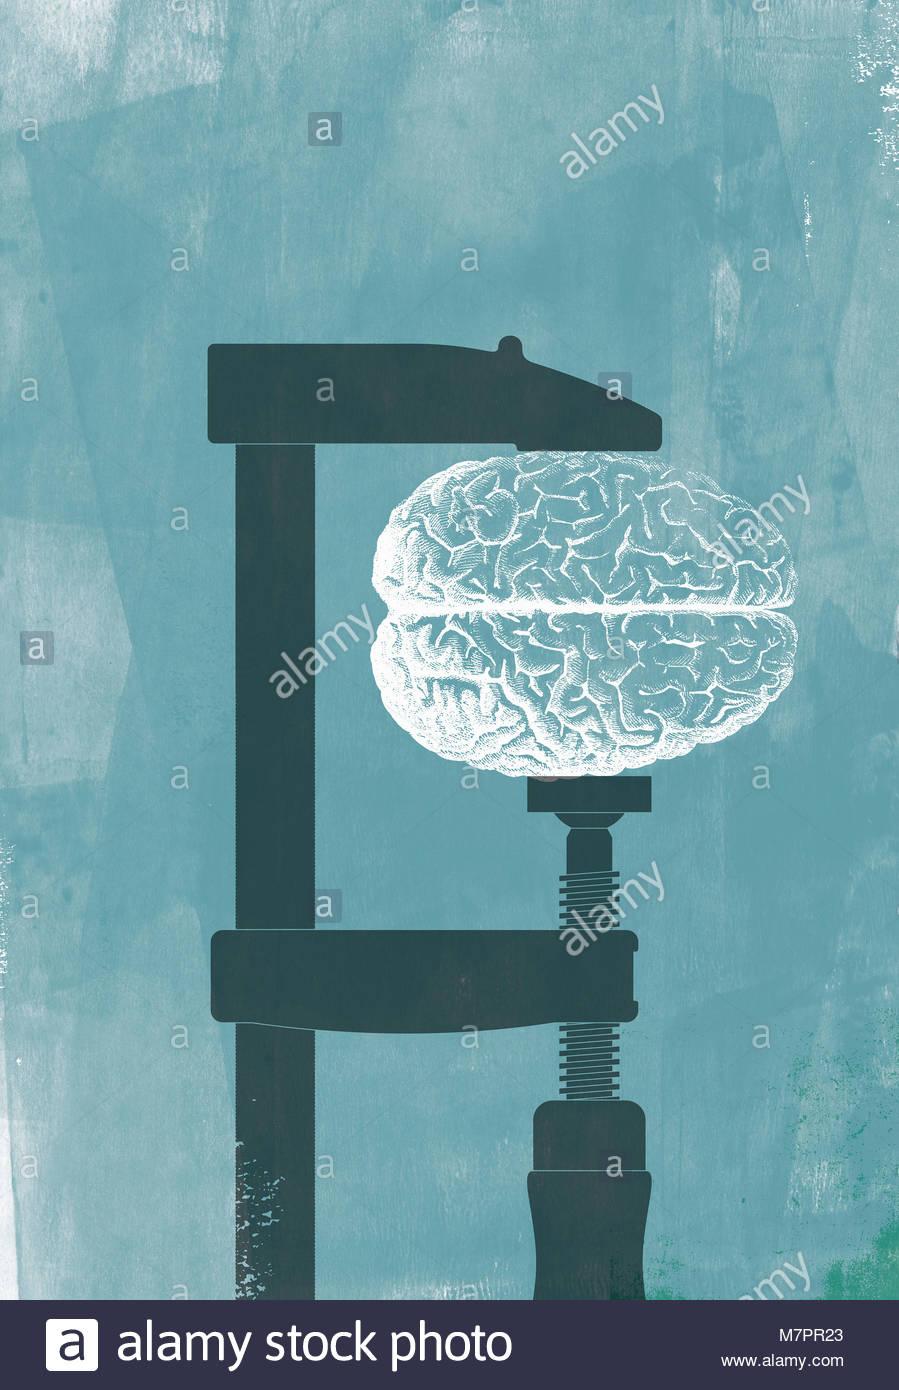 Cerebro Humano siendo exprimidas en vice grip Imagen De Stock